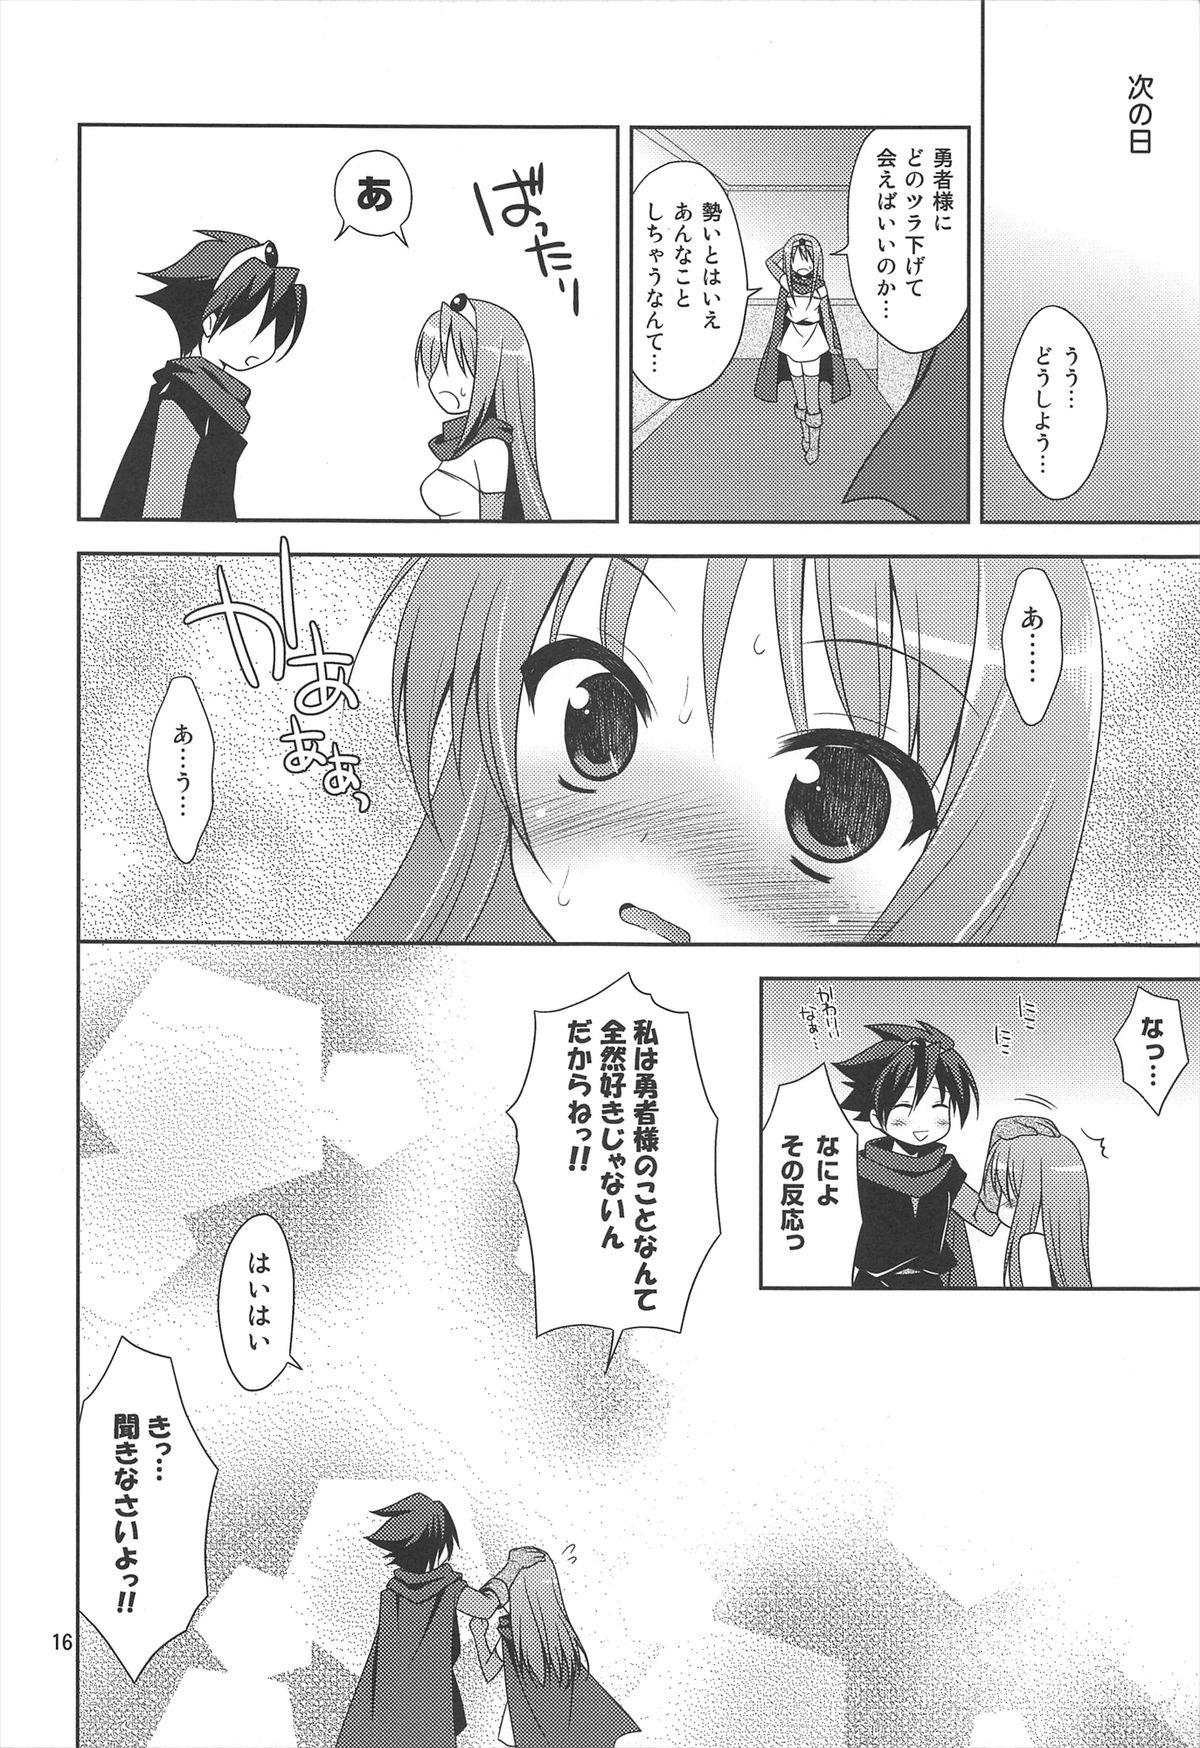 Yuusha-sama no Koto Nanka Zenzen Suki Janain Dakara ne!! 15